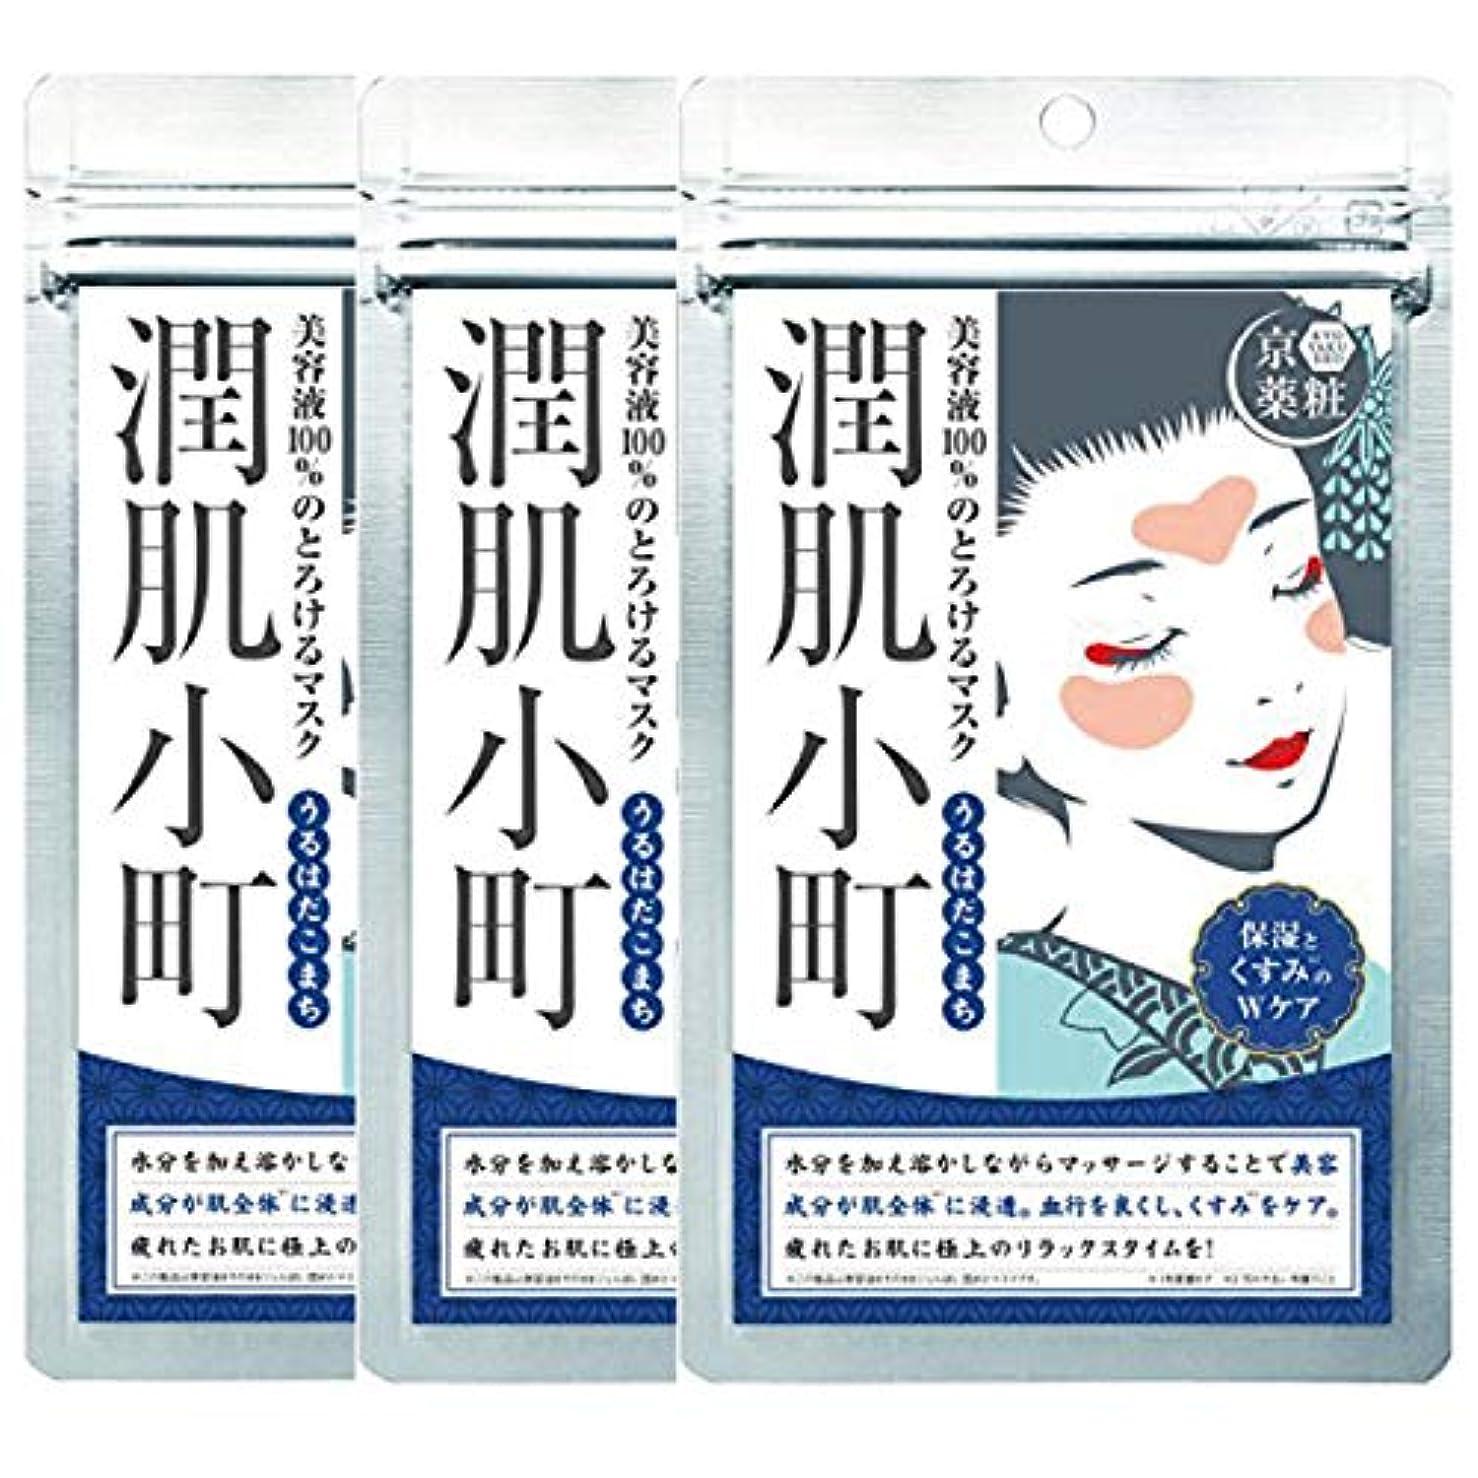 インタネットを見る山岳レーニン主義京薬粧 潤肌小町 潤いマスク ×3セット